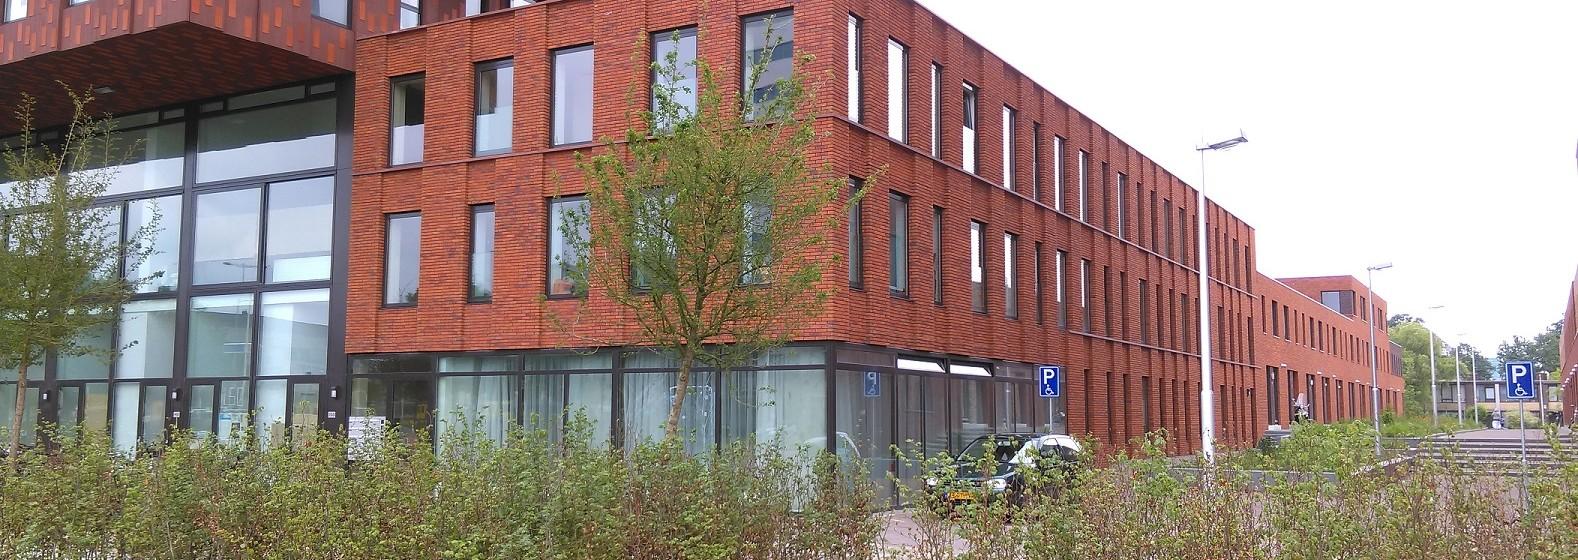 3-laags appartementencomplex tussen   woonhuizen en hoogbouw de Verkenner.